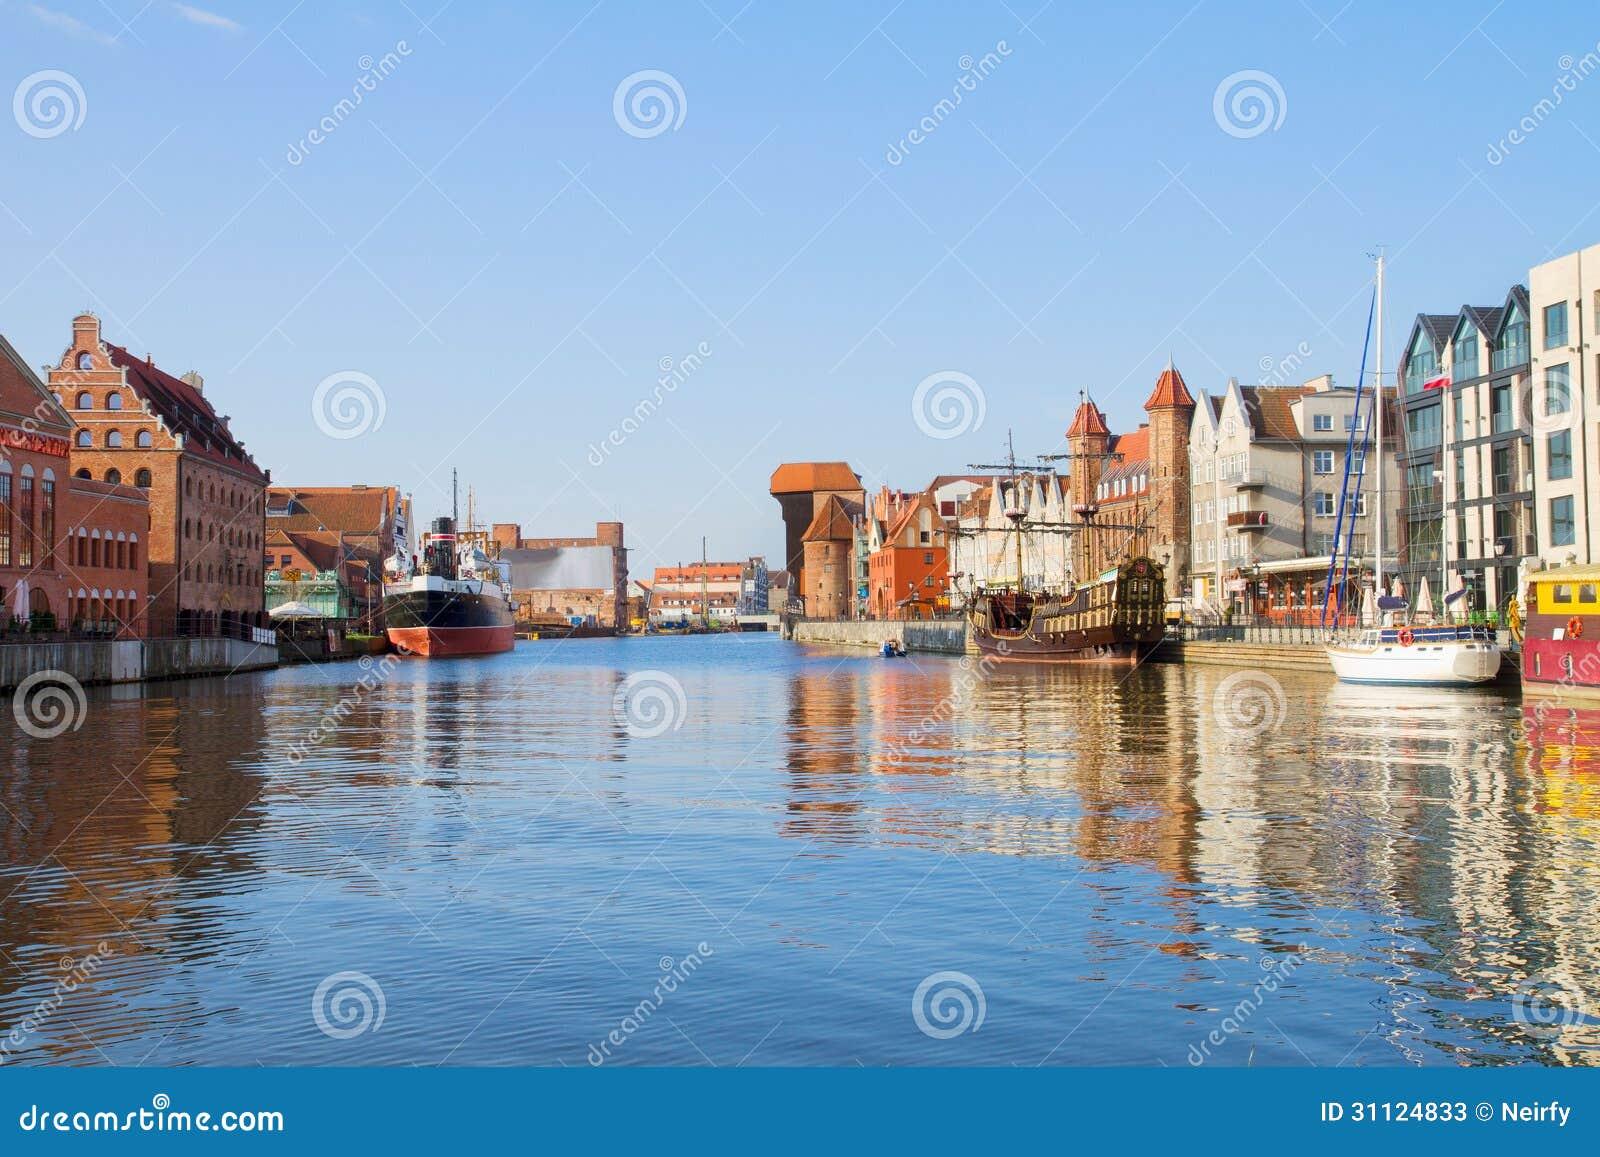 格但斯克小游艇船坞在老镇,波兰.